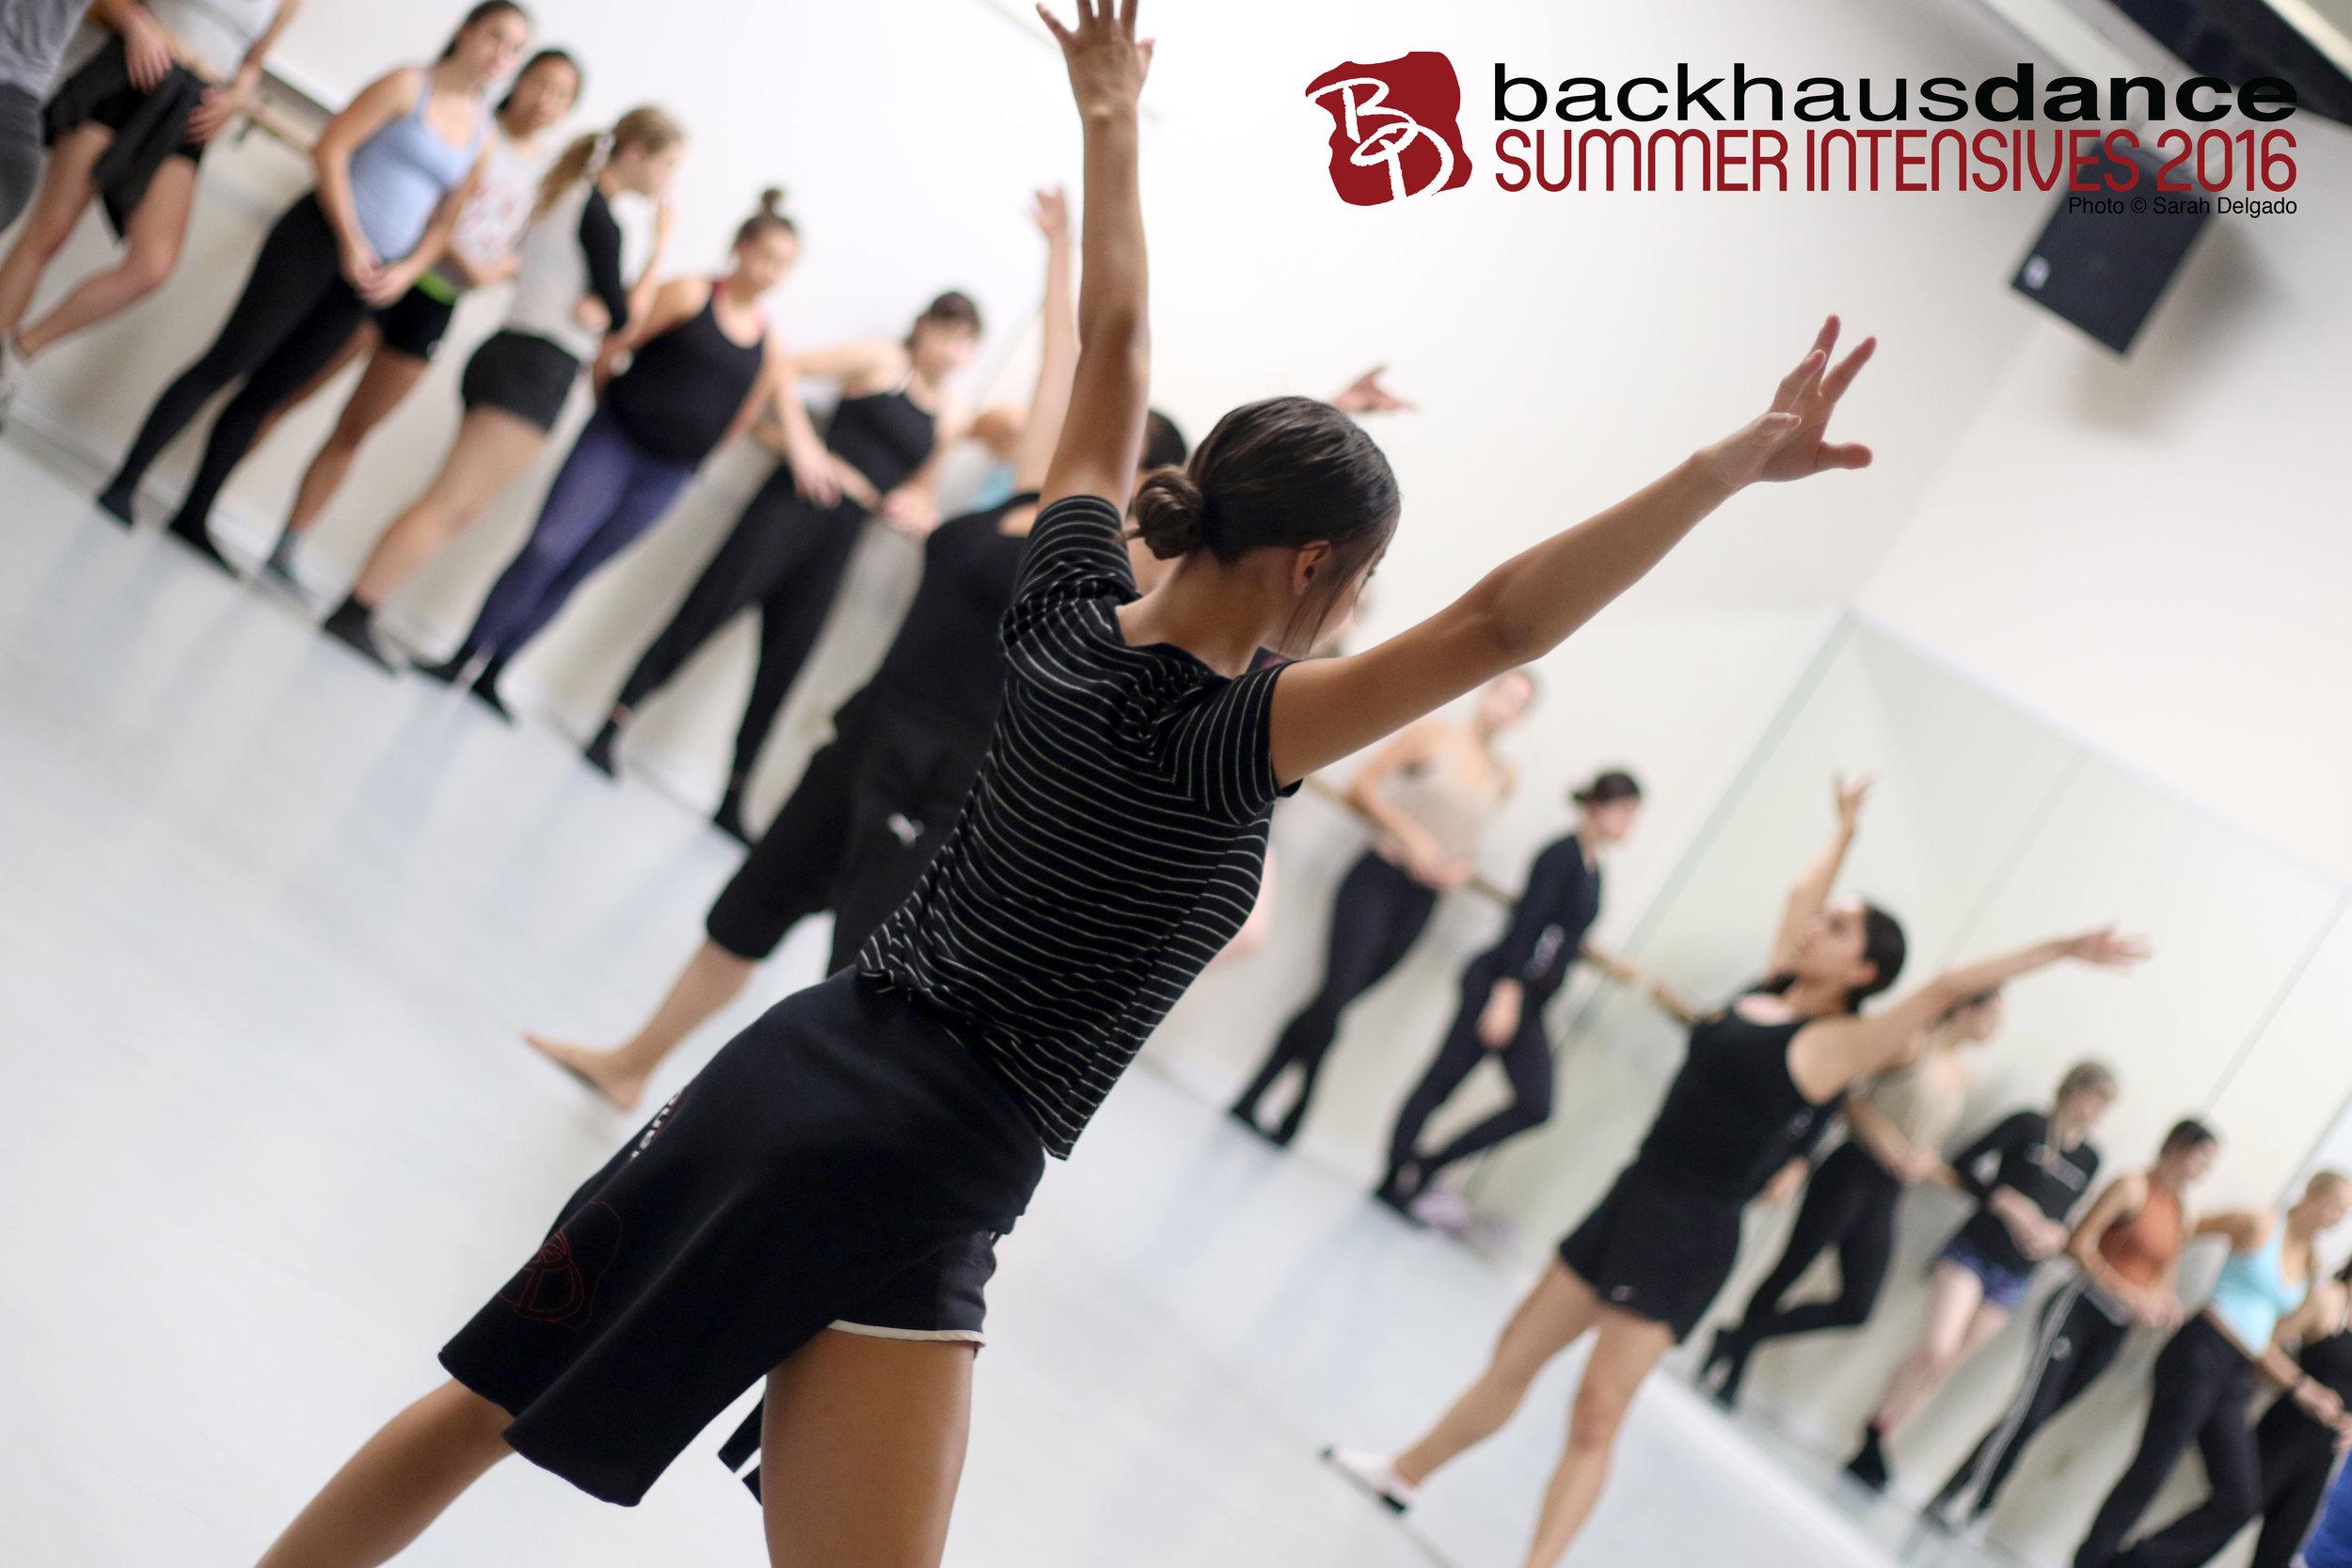 Backhausdance Summer Intensives 2016